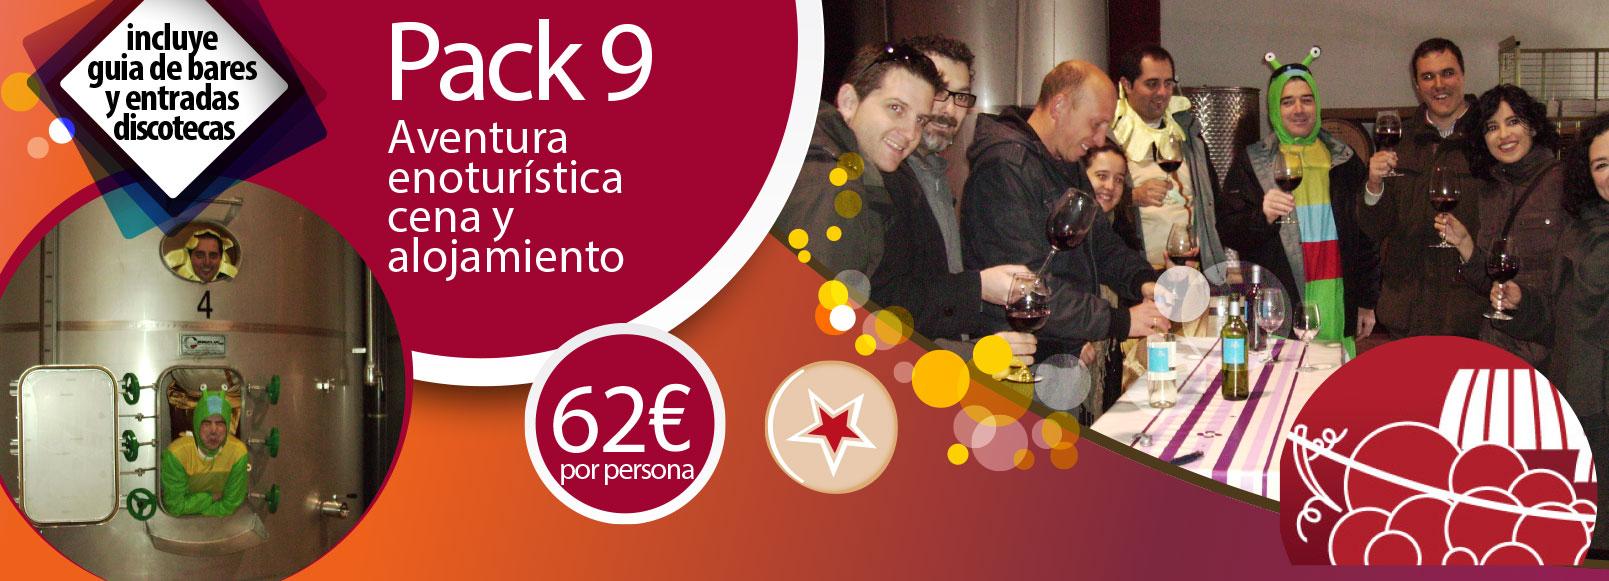 Pack 9: Aventura enoturistica, cena y alojamiento